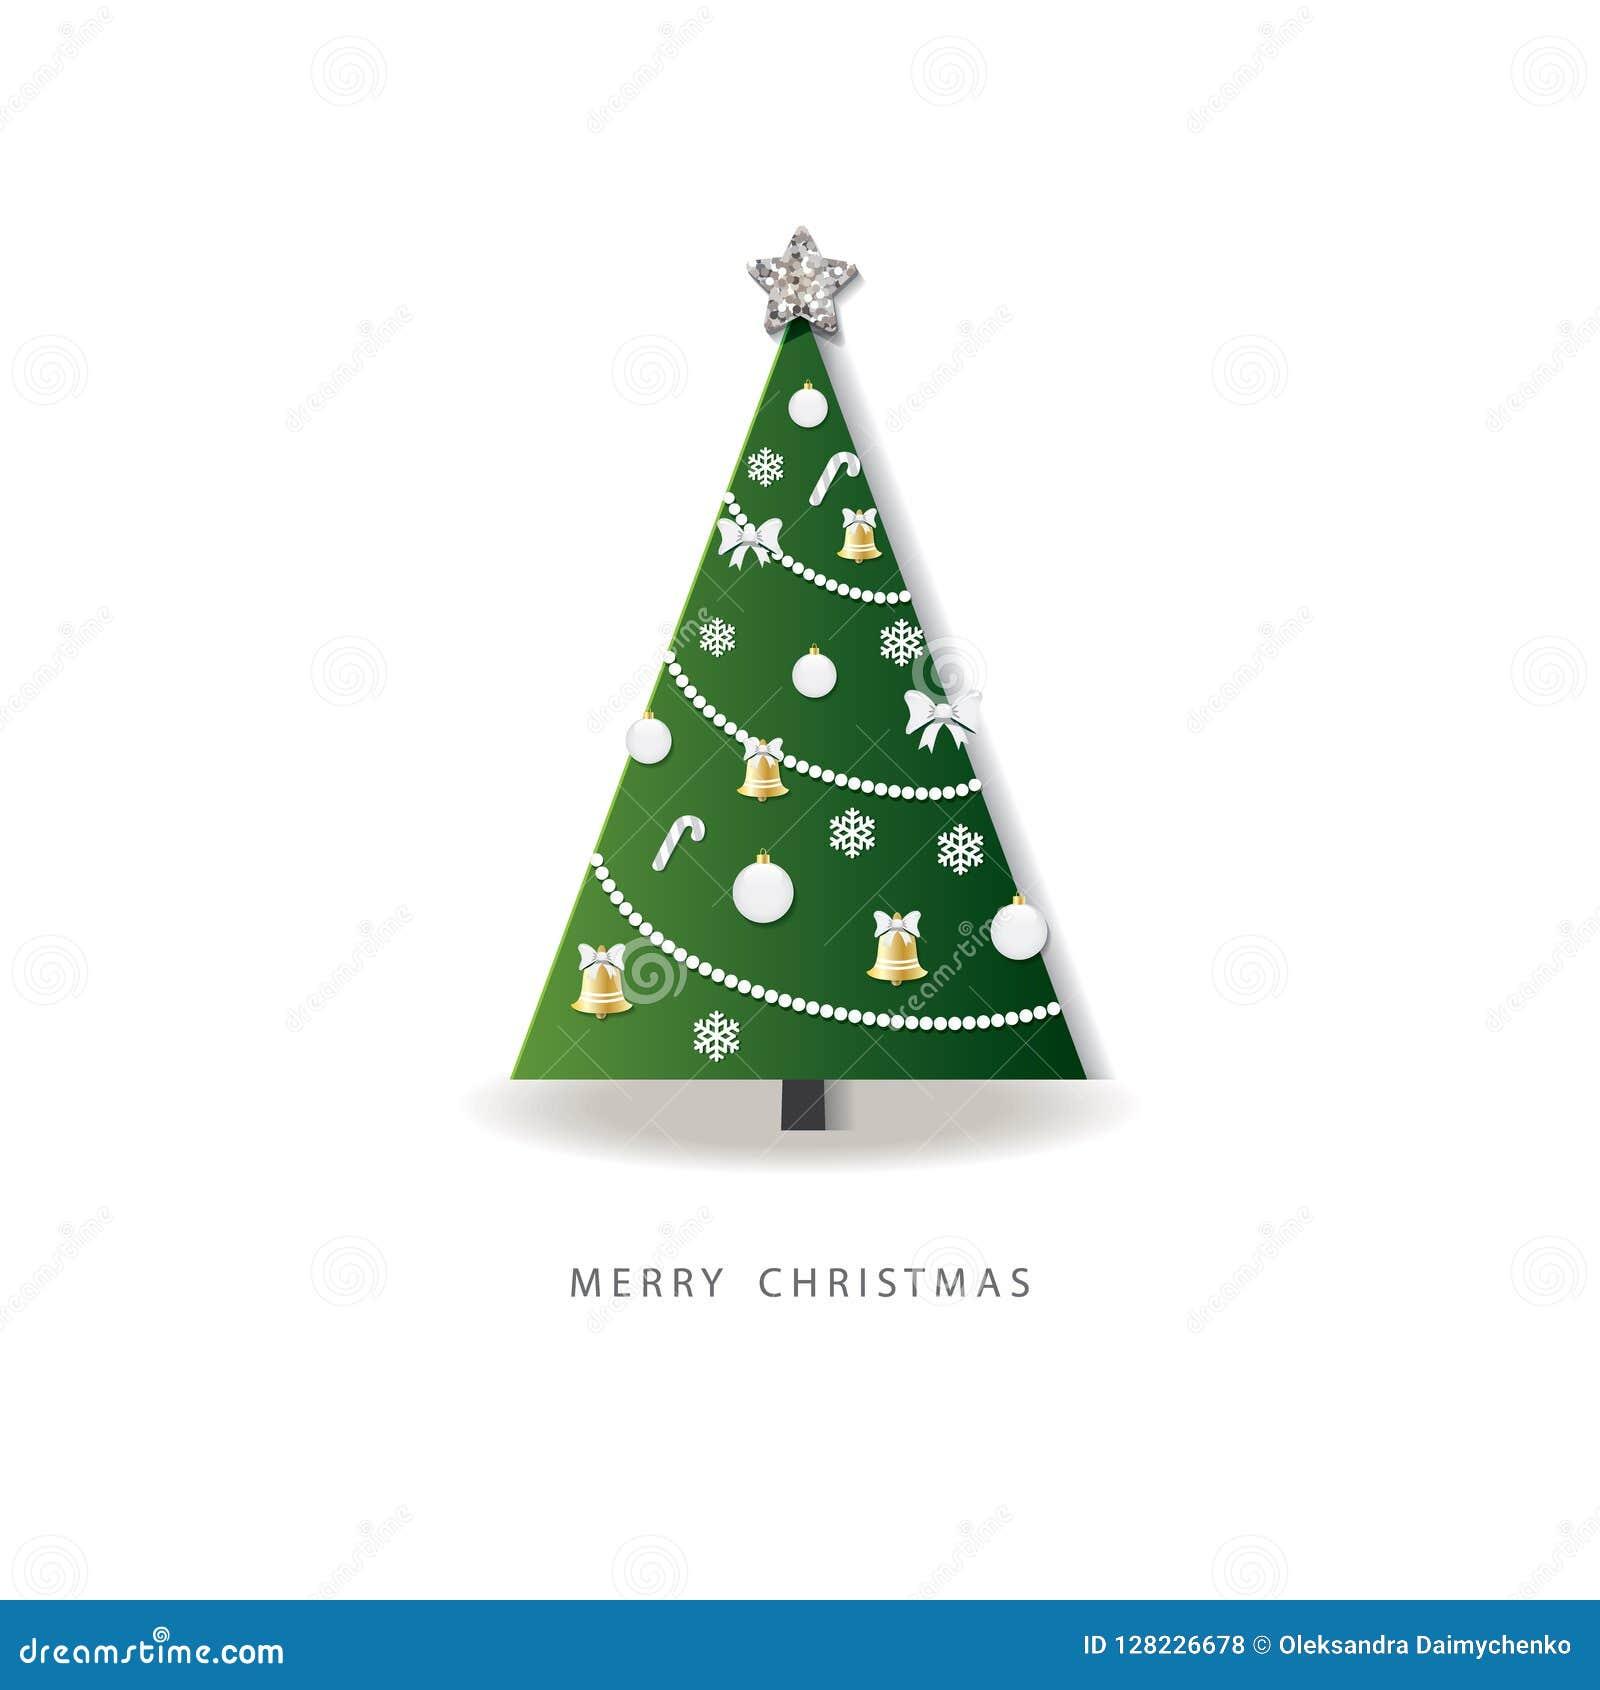 Lyckligt hälsningskort för nytt år julen dekorerade treen papper klippt ut design 3D